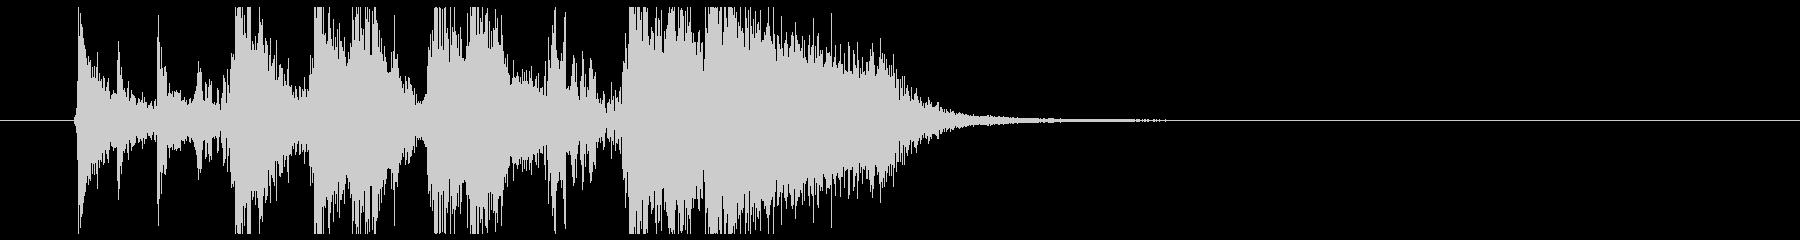 ファンキーなブラスのアイキャッチジングルの未再生の波形